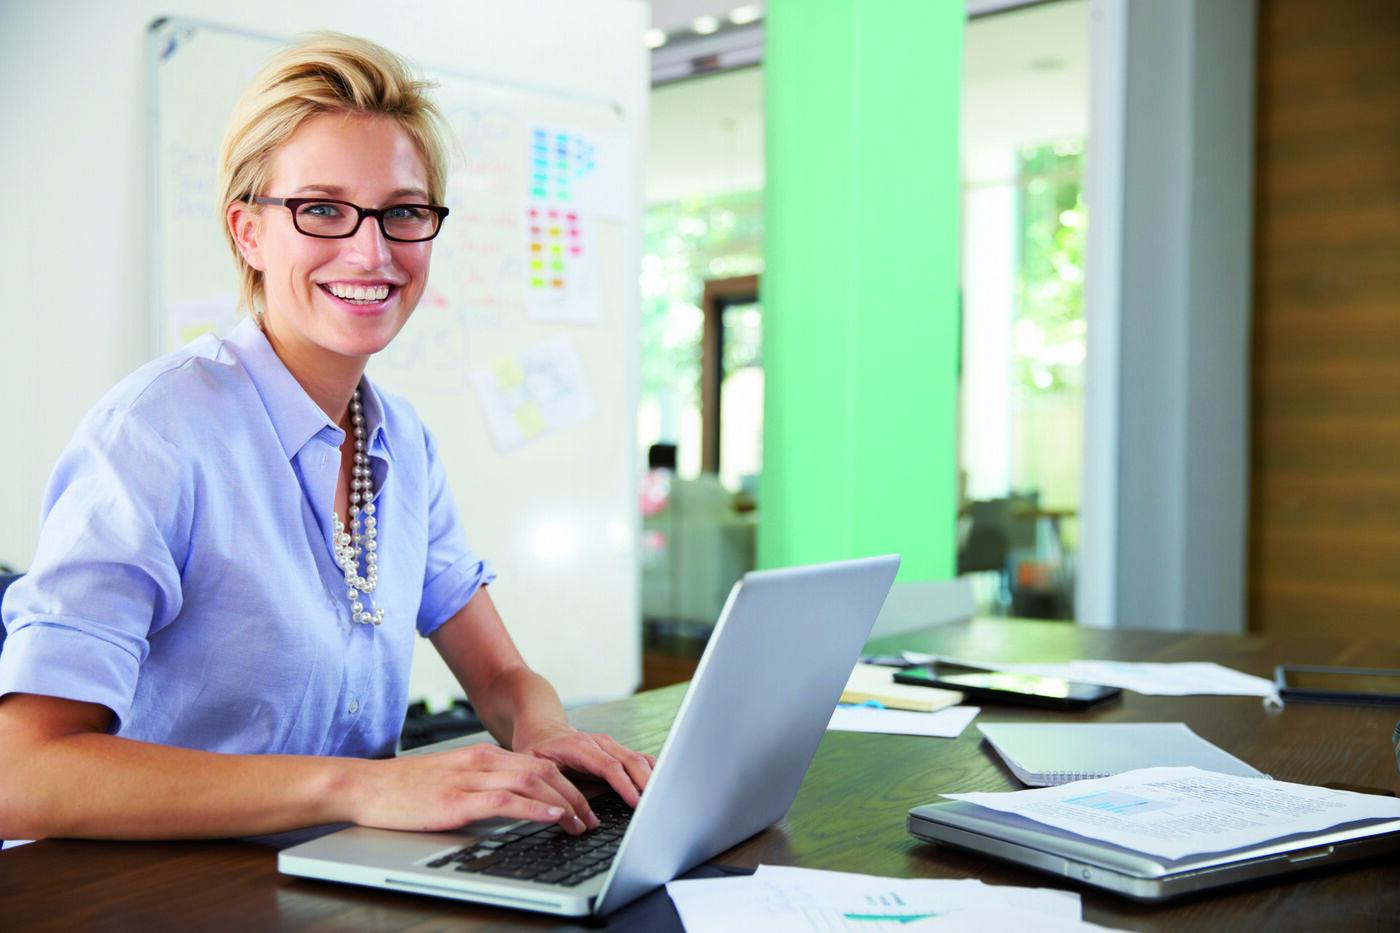 Product Manager - Geriatrie (w/m/d) am Standort Duisburg - Job - Stellenportal SHL-Gruppe